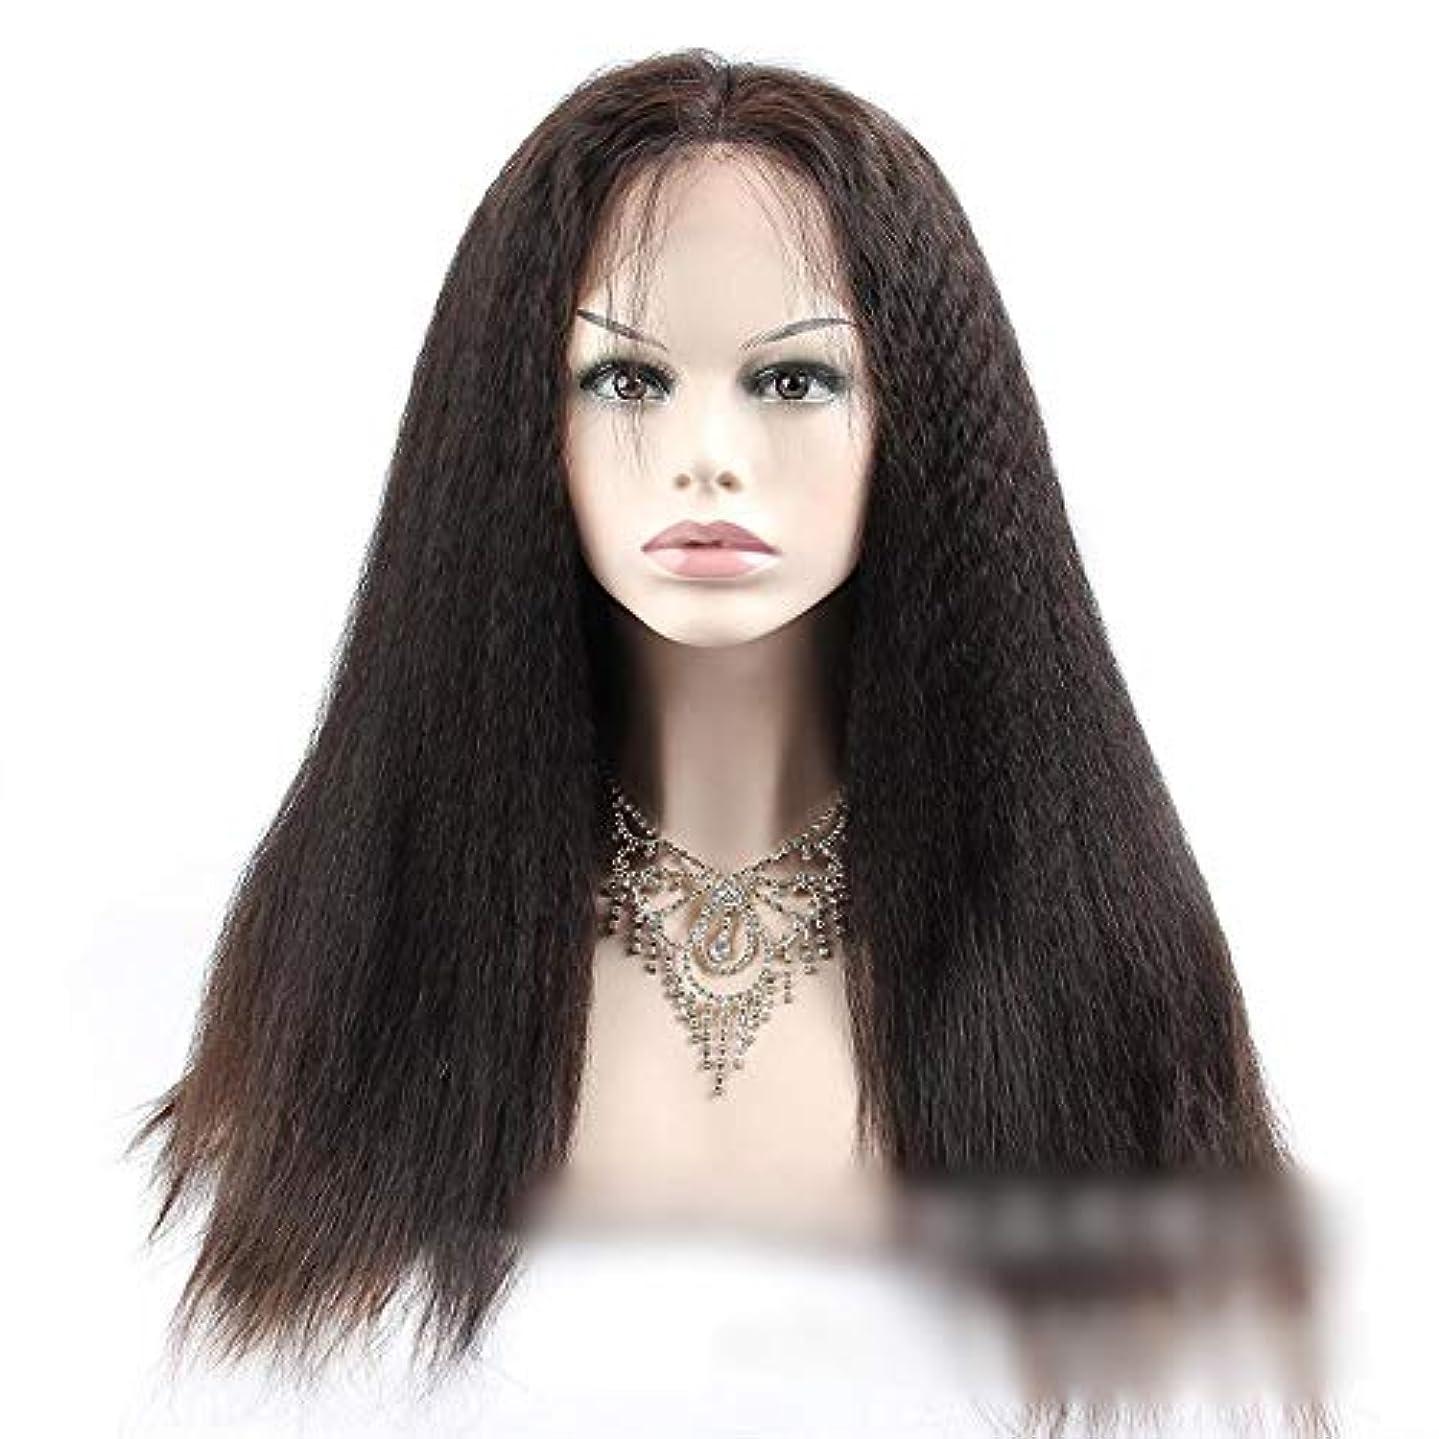 骨髄お祝い分HOHYLLYA 360人間の髪の毛のレースの閉鎖前頭変態ストレートヘア高密度ヘアエクステンション小さなカーリーウィッグ (色 : 黒, サイズ : 12 inch)